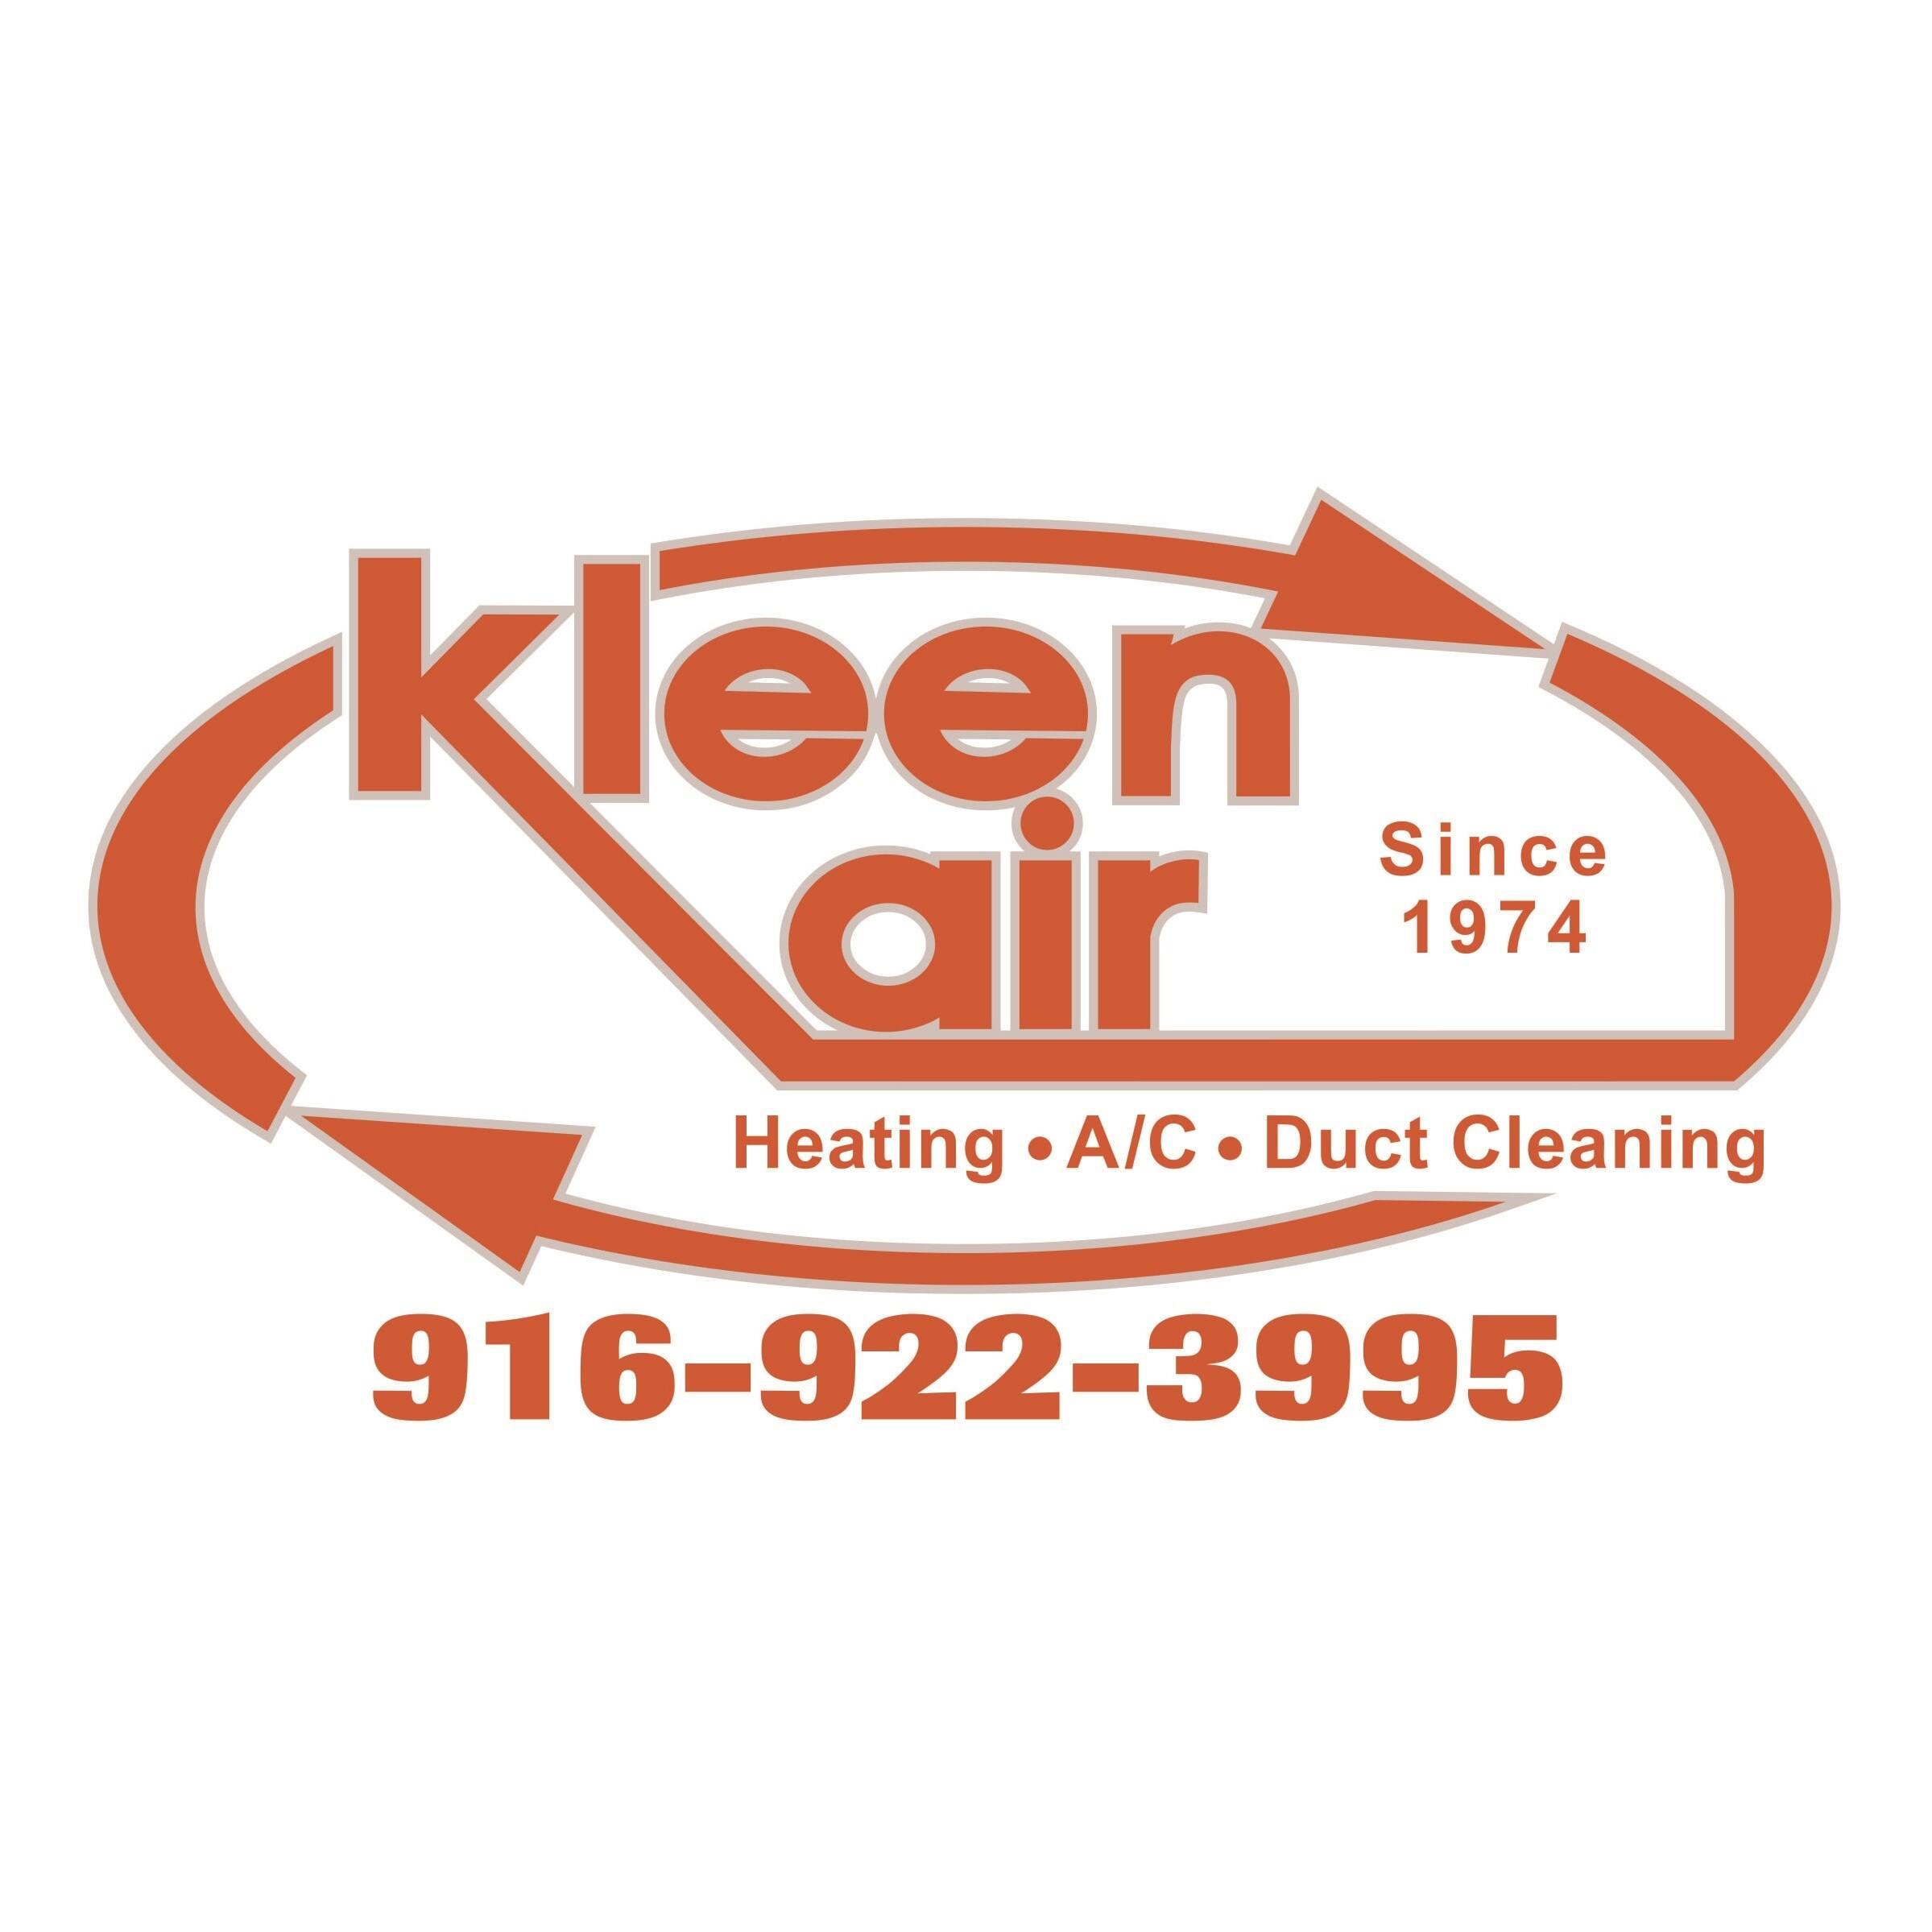 Kleenair Heating and Air Conditioning